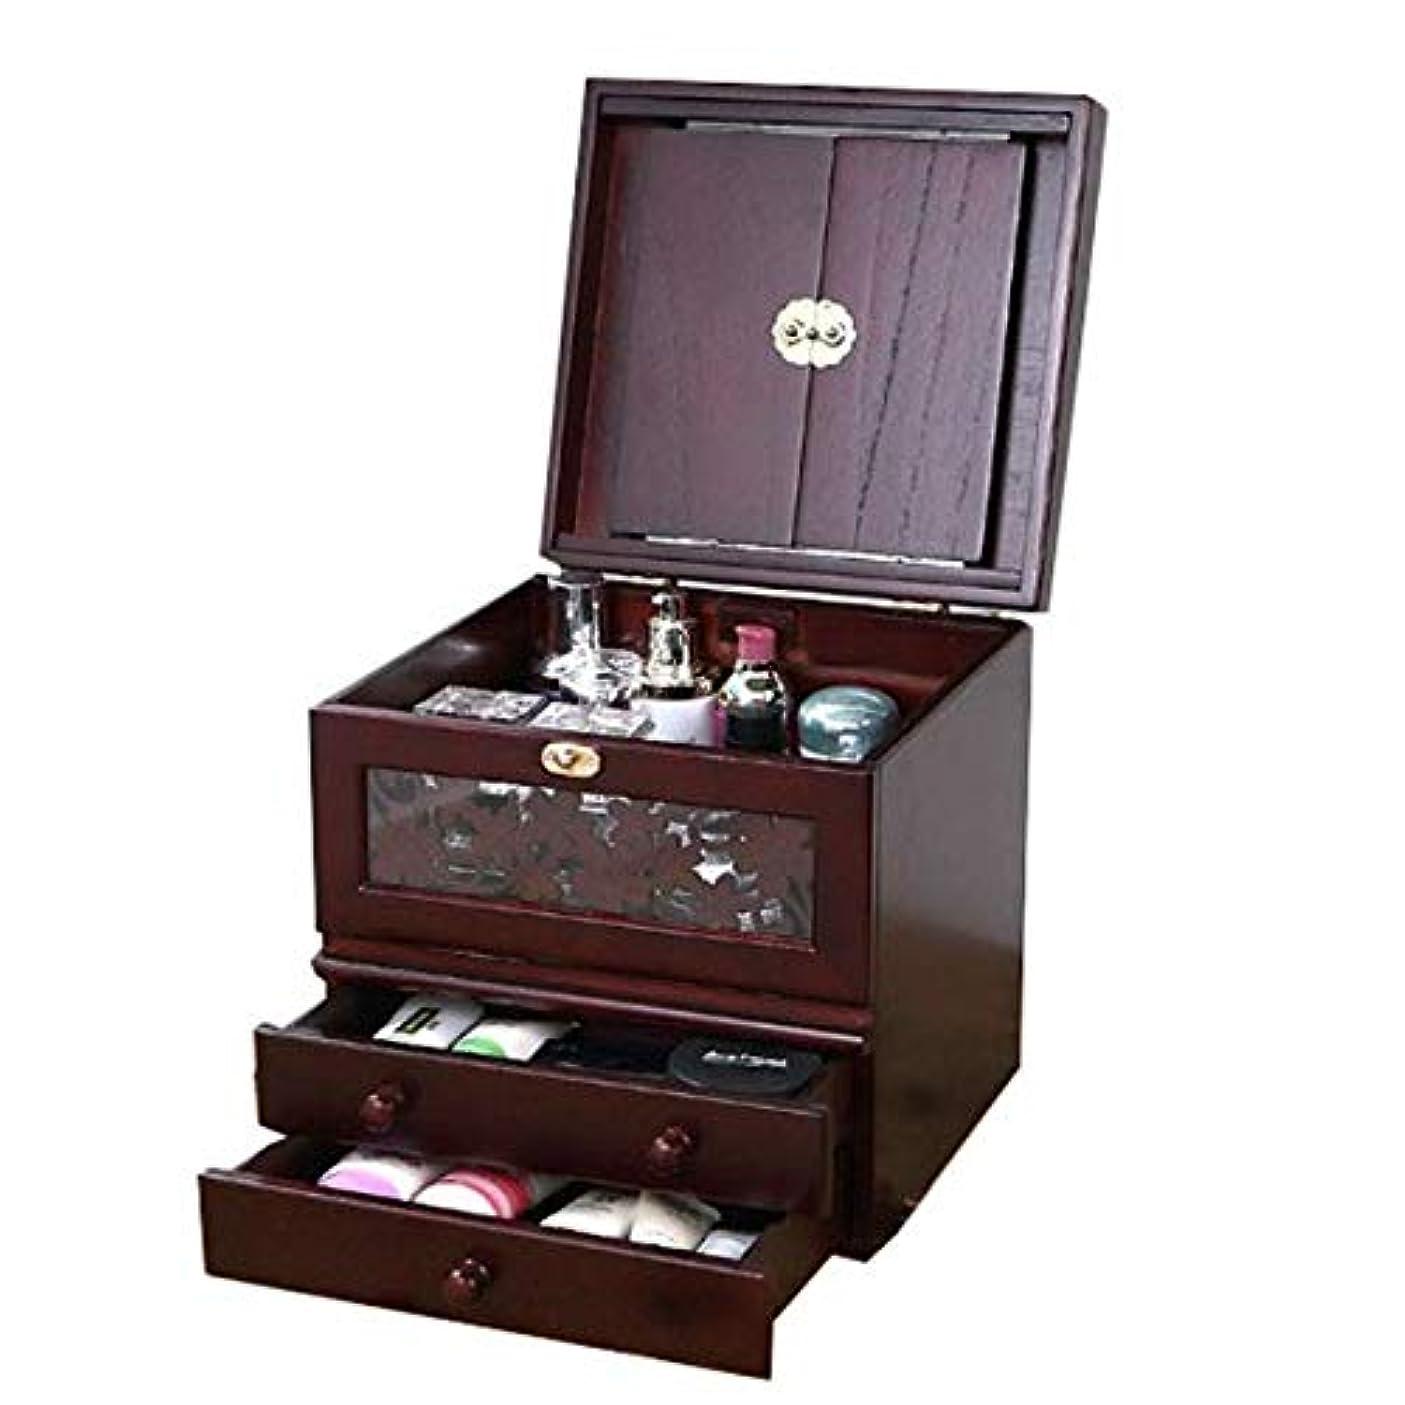 化粧箱、ミラー付きヴィンテージ木製化粧品ケースの3層、ハイエンドの結婚祝い、新築祝いのギフト、美容ネイルジュエリー収納ボックス